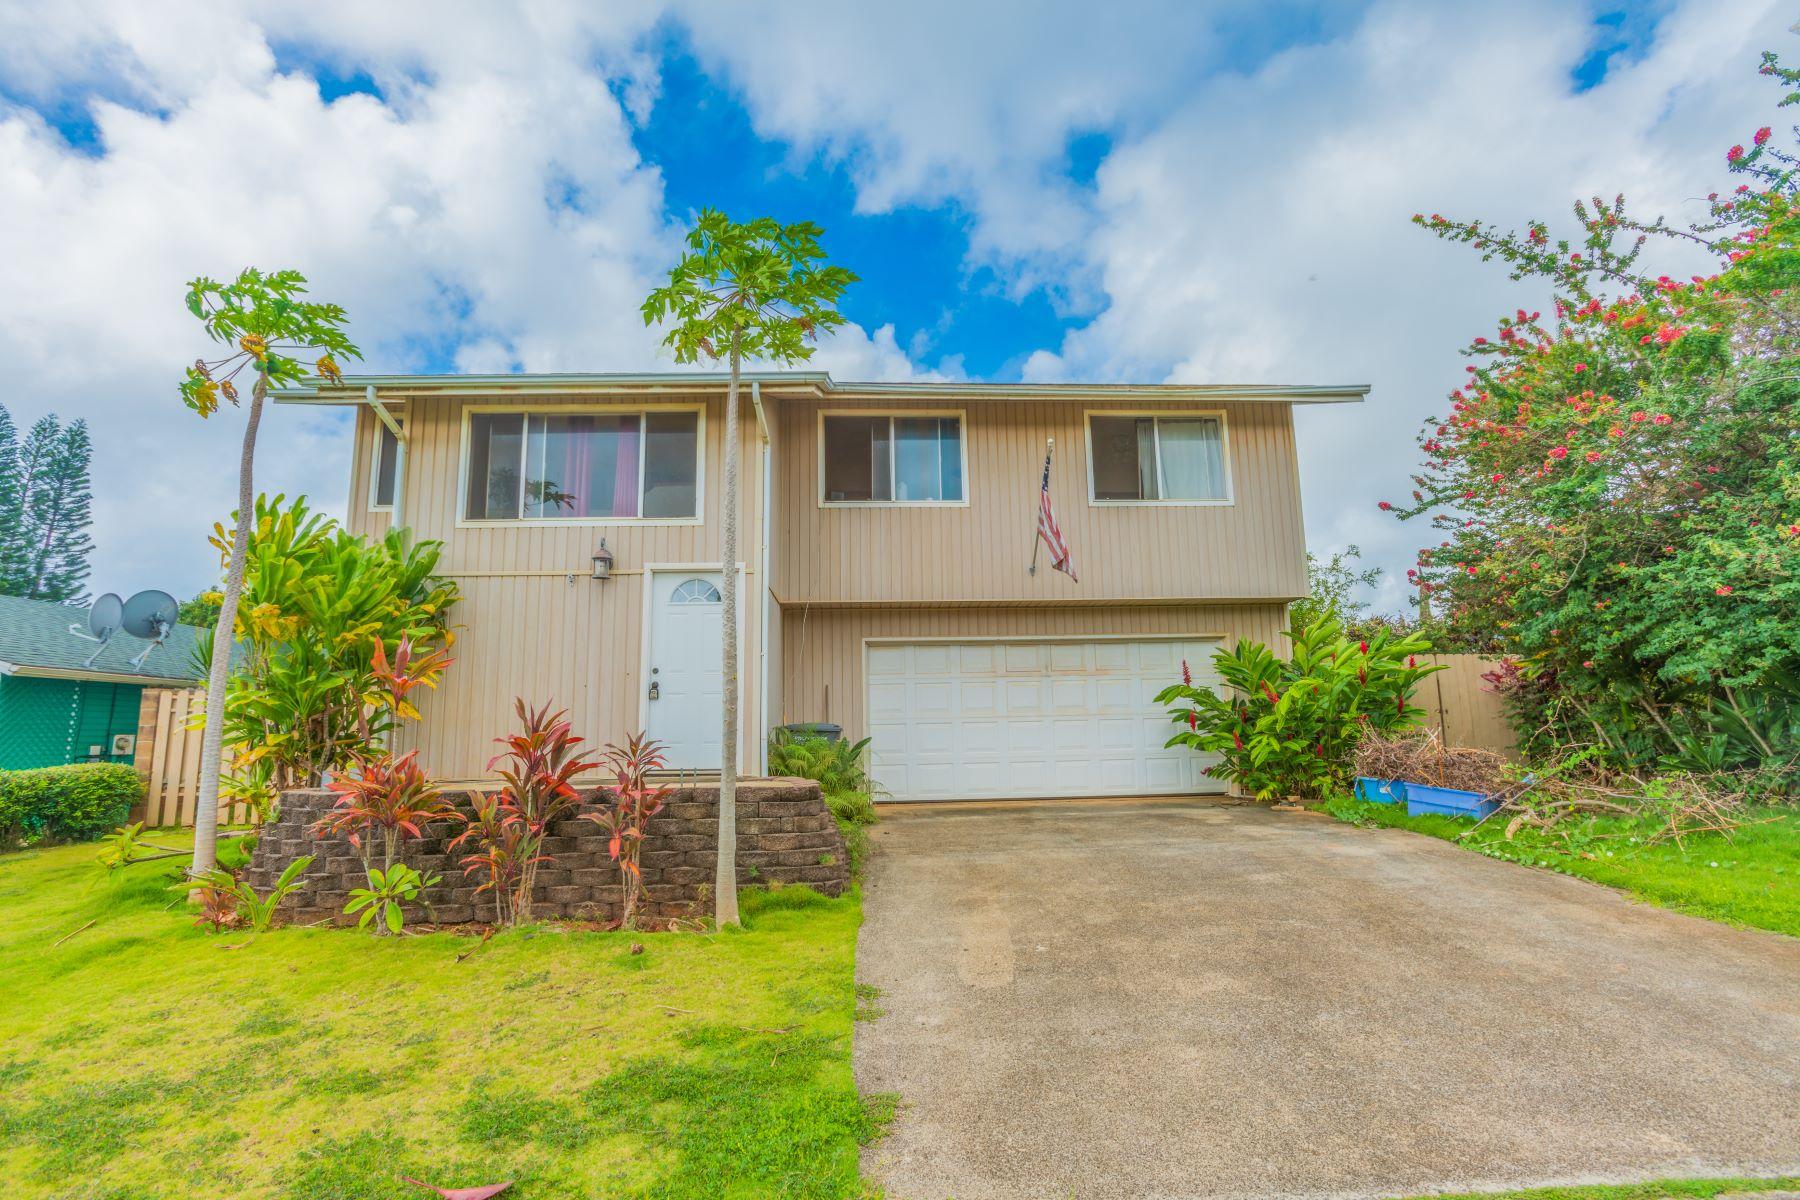 獨棟家庭住宅 為 出售 在 5407 Olopua St. 5407 Olopua Street Kapaa, 夏威夷 96746 美國